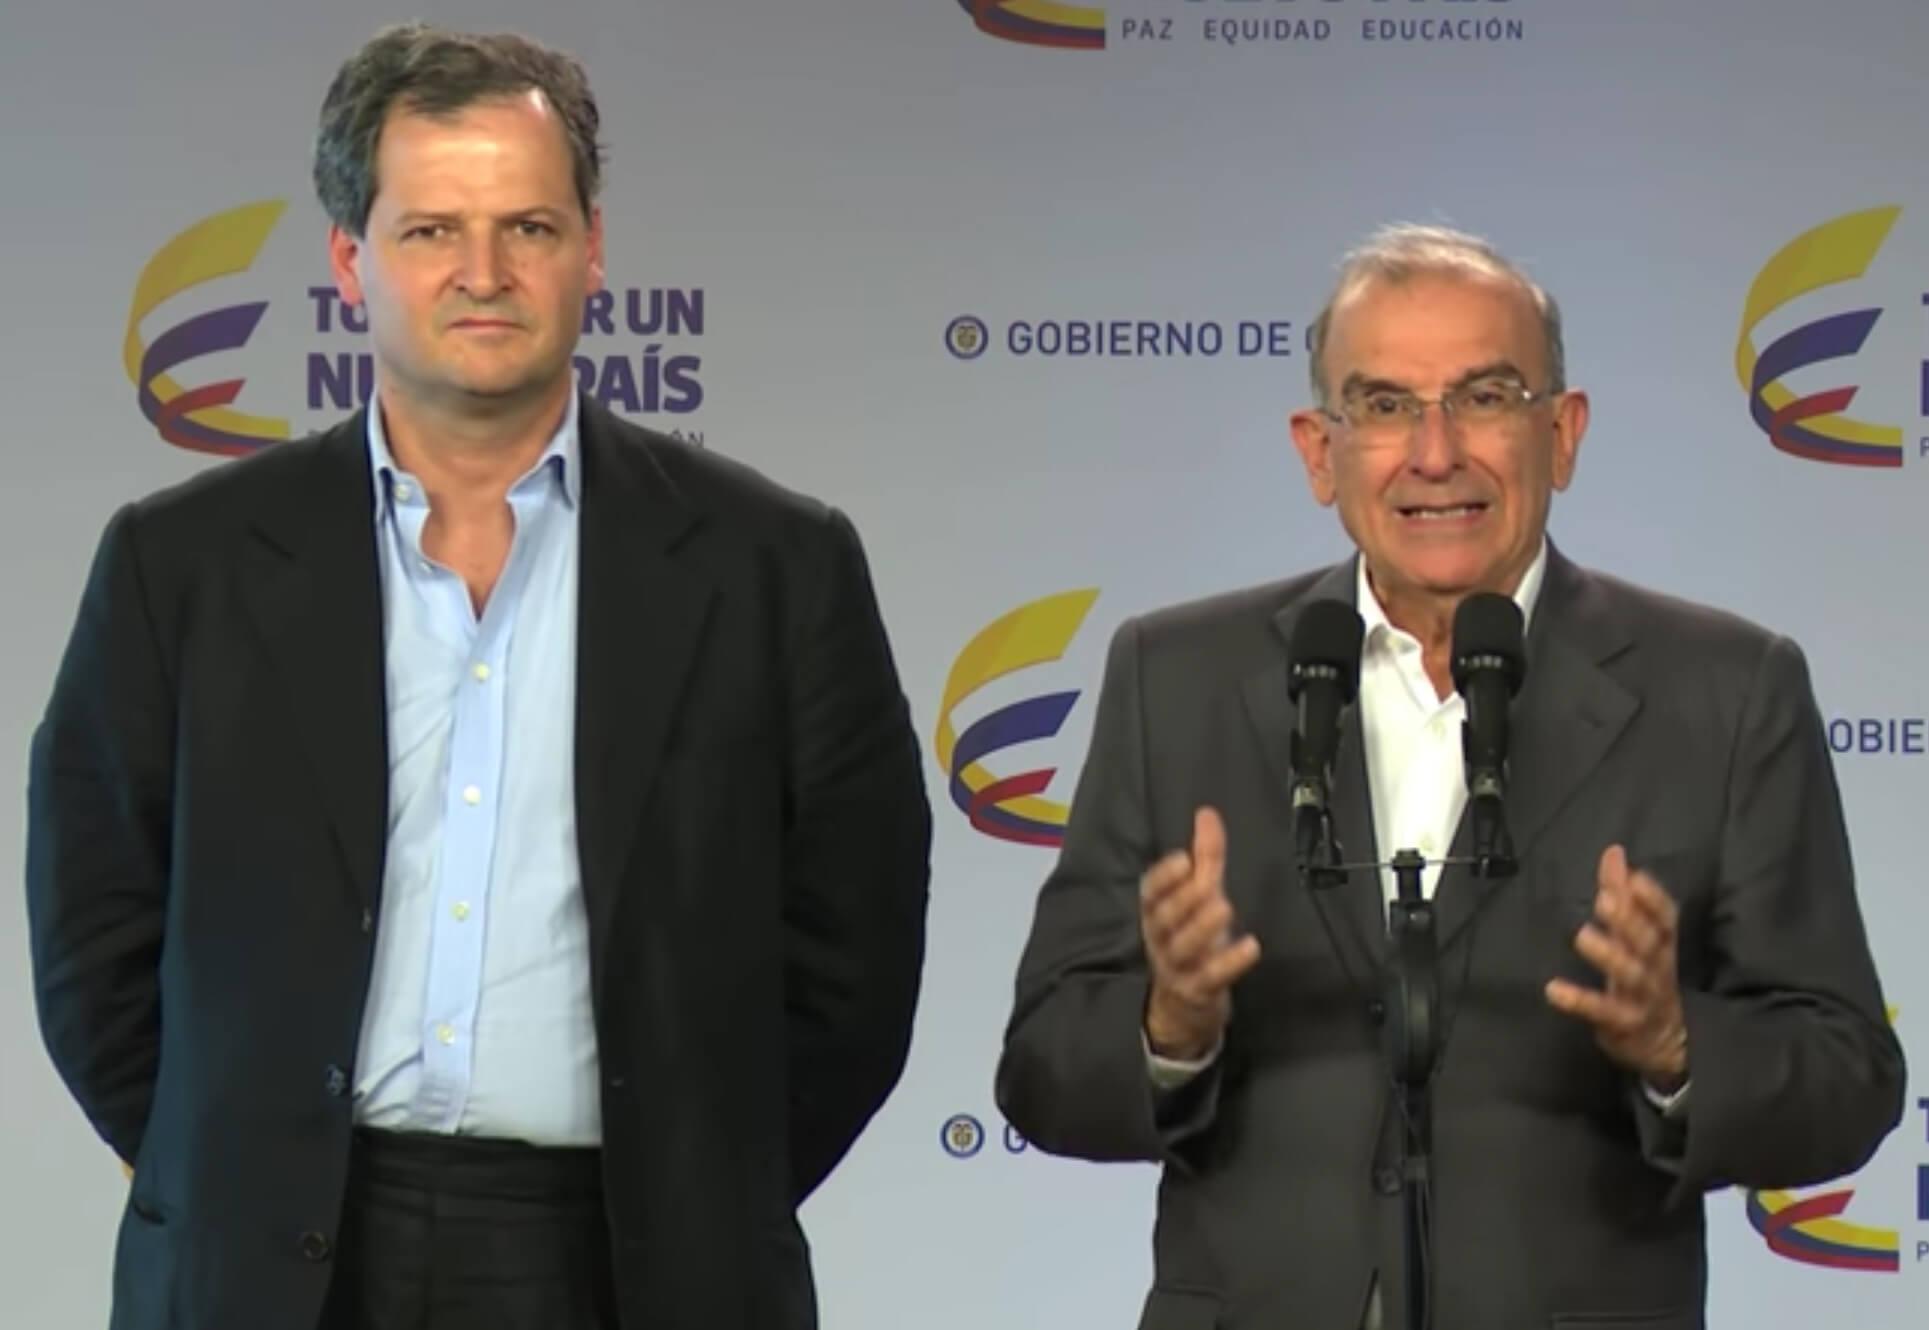 Dos movilizaciones ciudadanas que desafían la violencia en Colombia